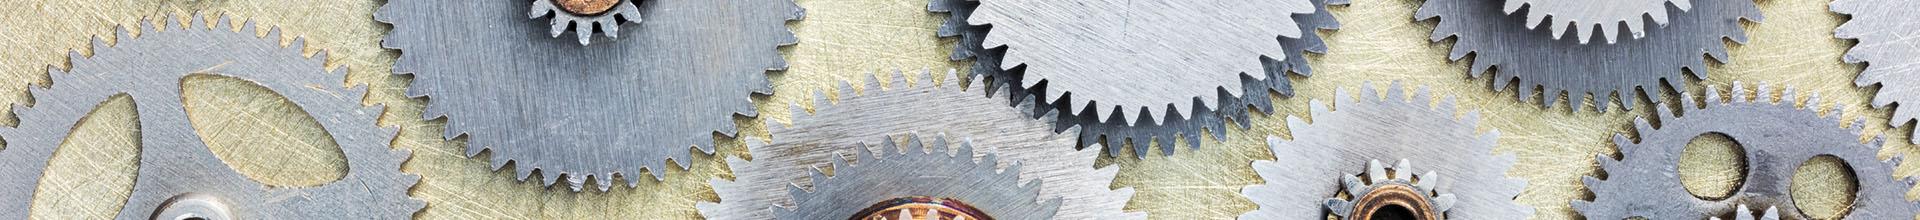 Zahnraeder Metall auf Holz